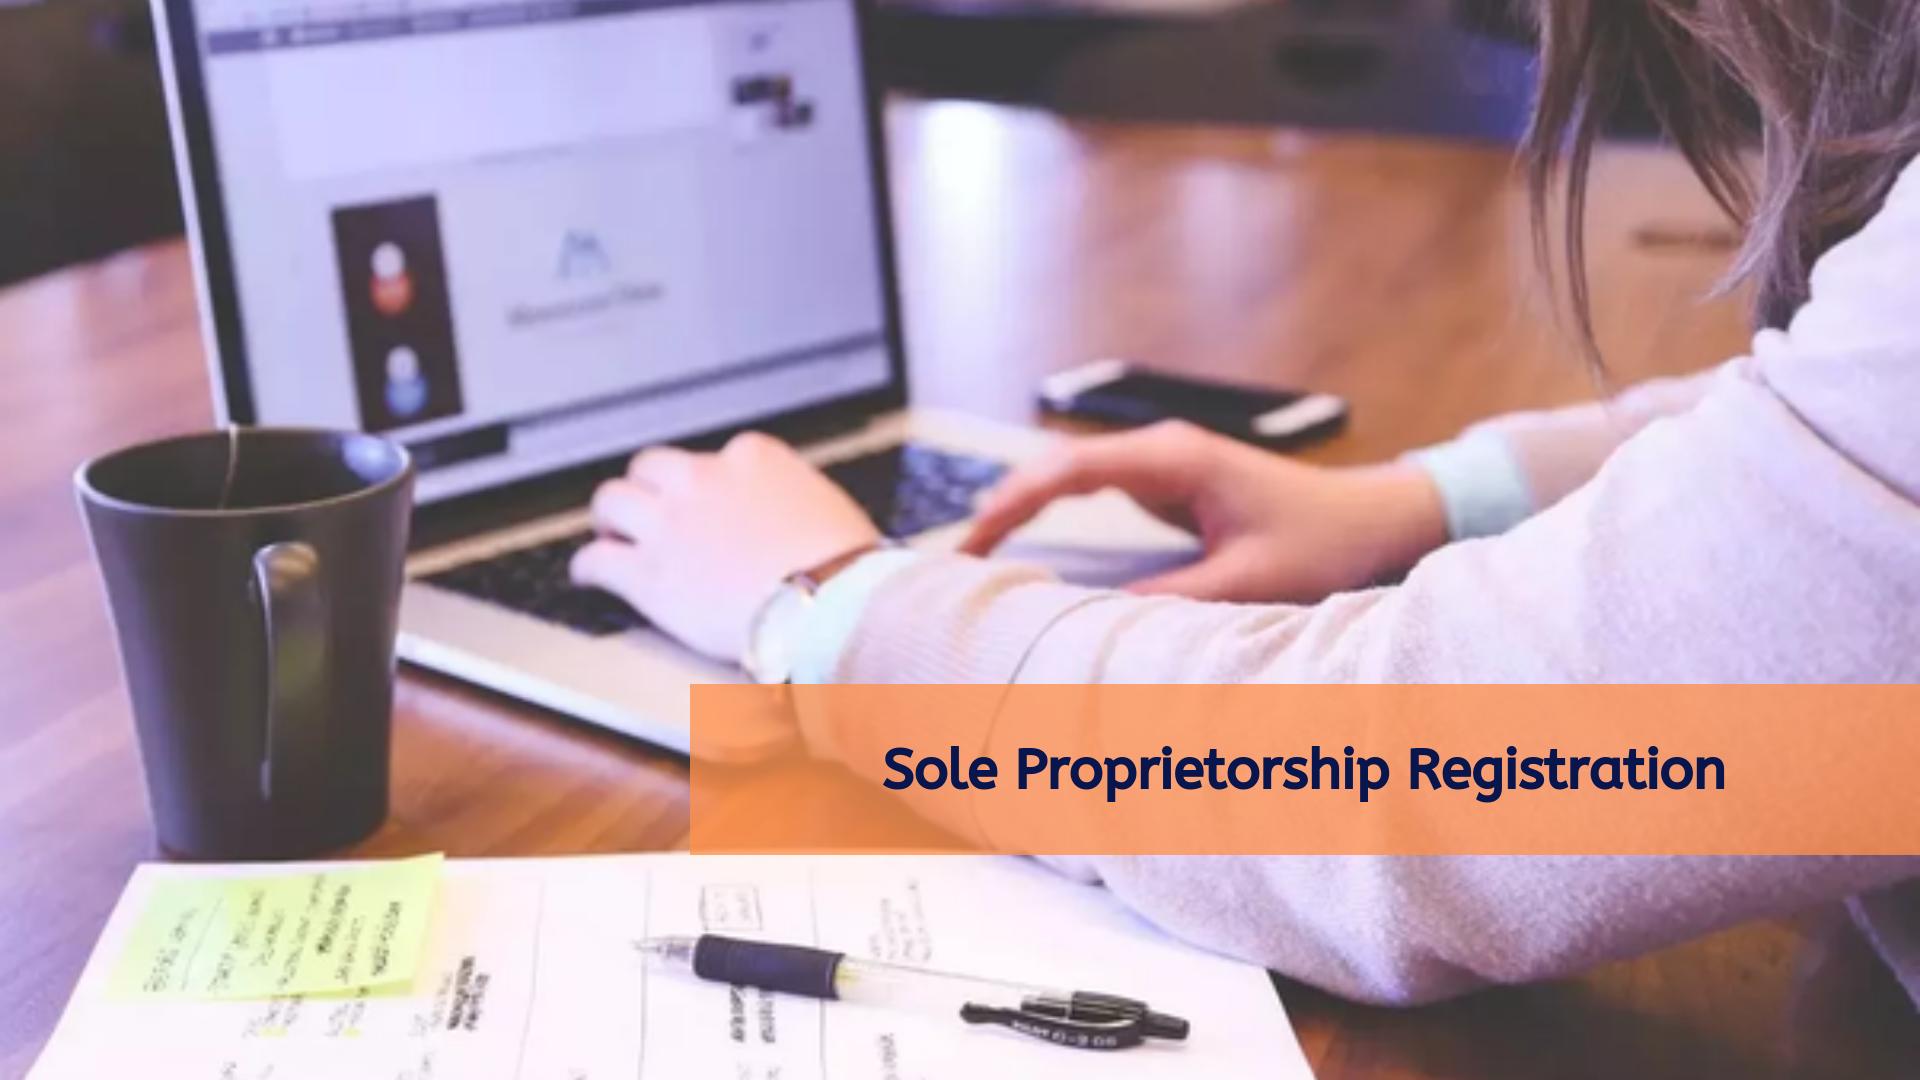 Sole Proprietorship: Advantages and Disadvantages